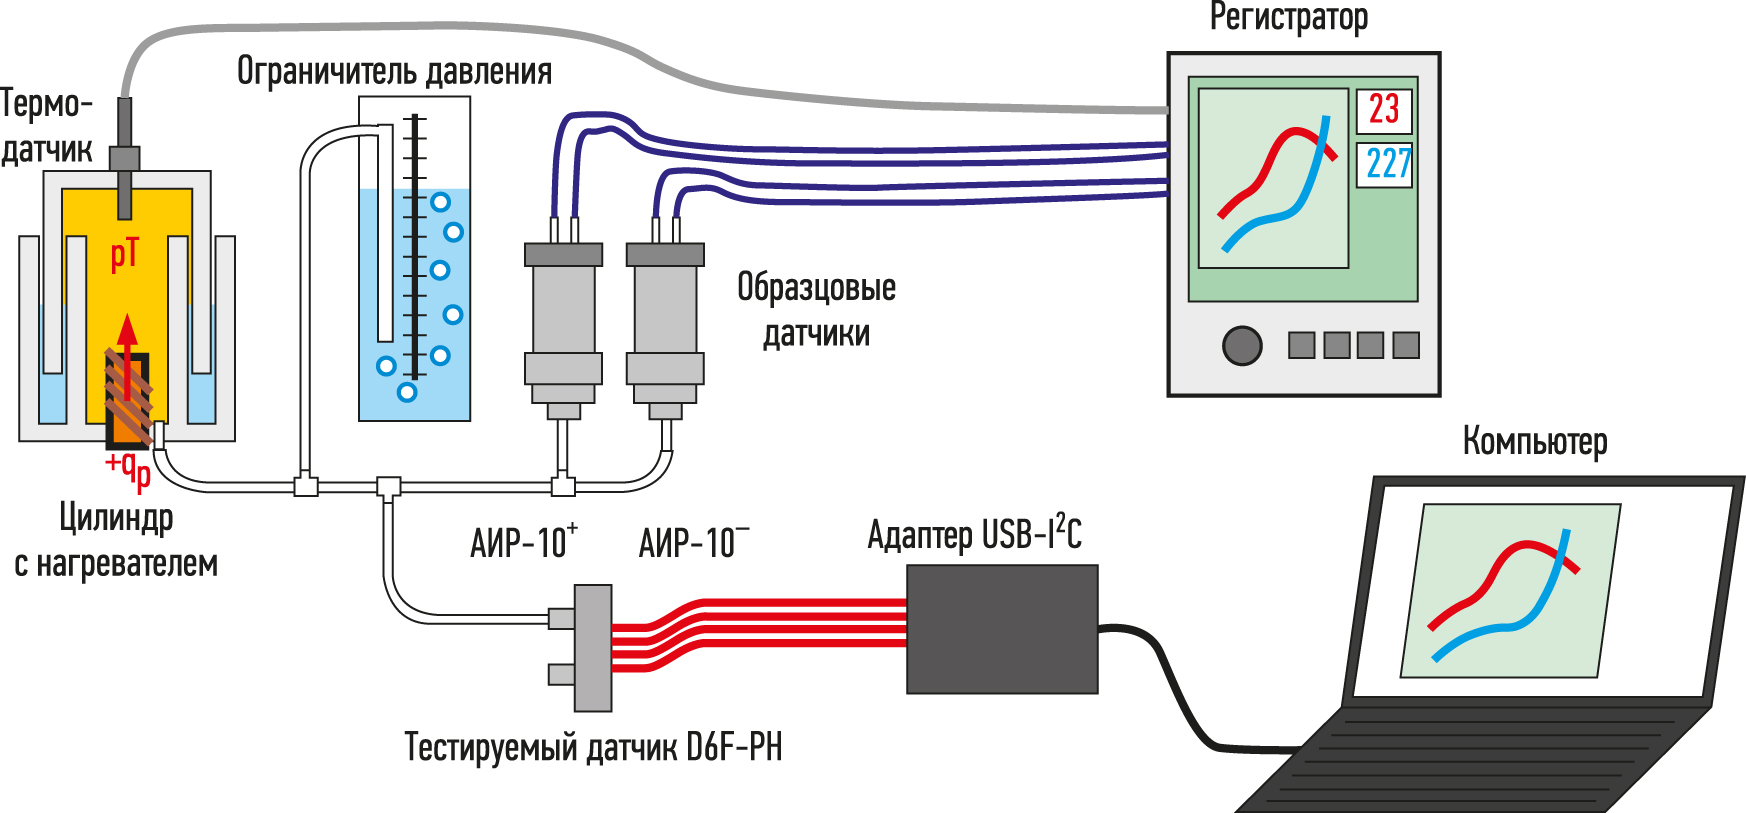 Схема лабораторной установки при испытании датчика D6F–PH в условиях статического давления